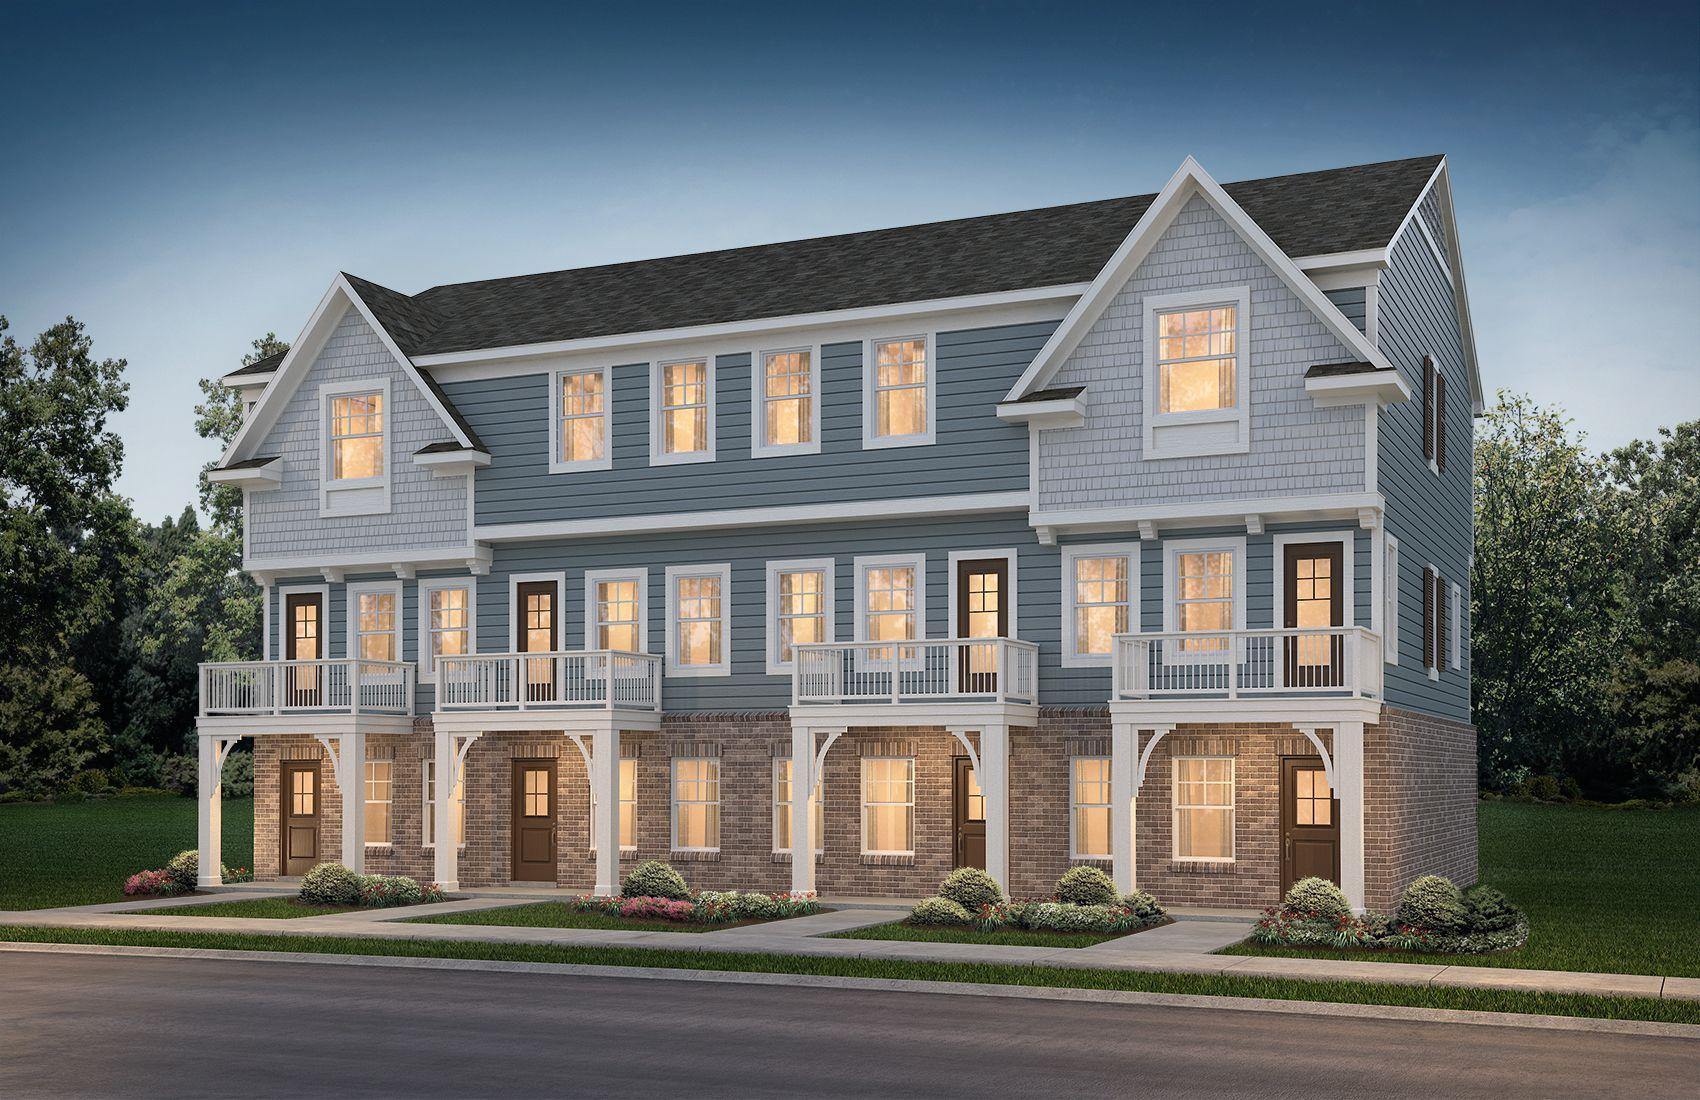 Aspen 4 unit town home building